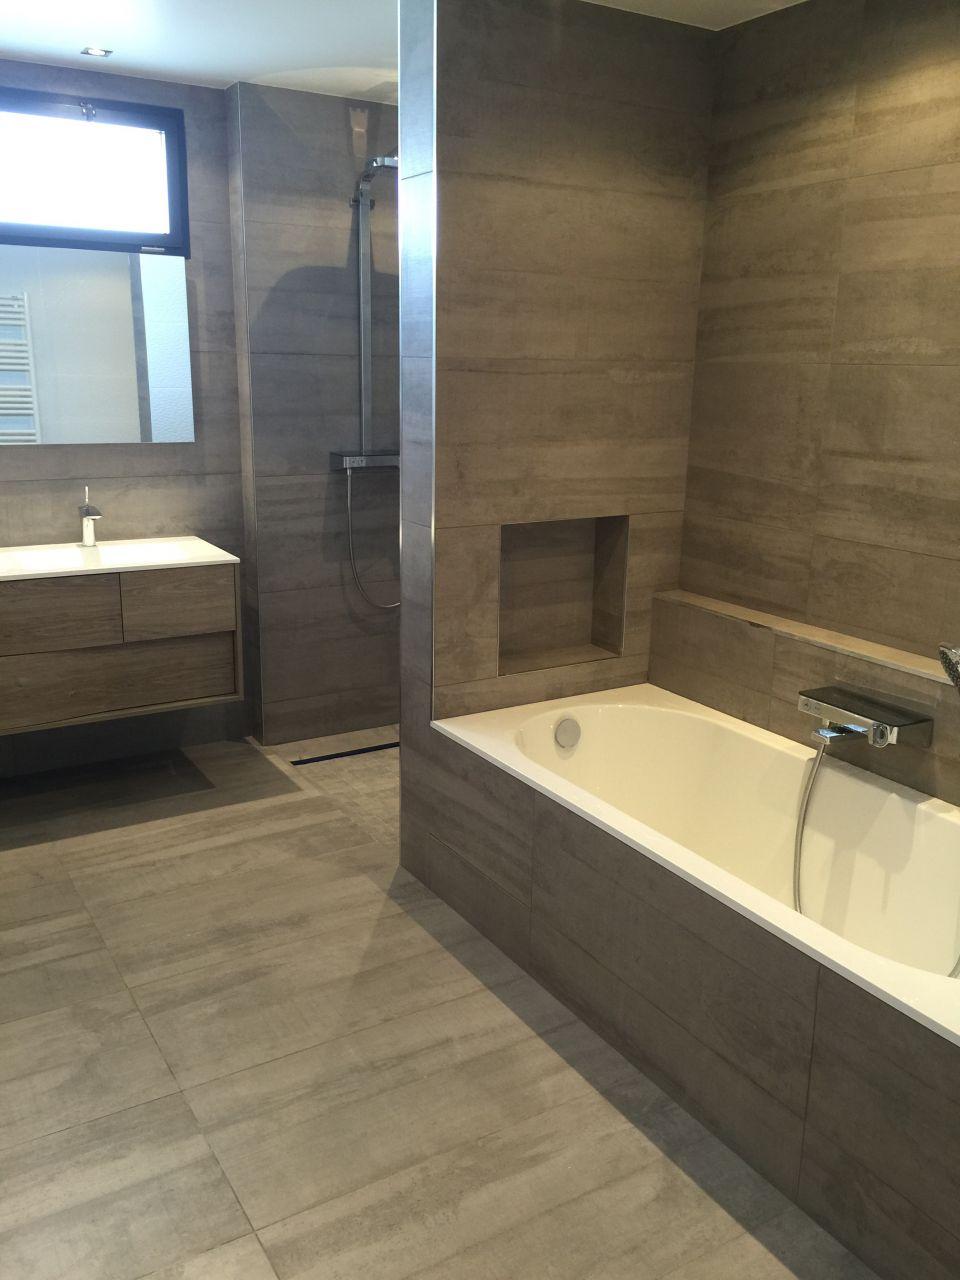 Décoration Salle de bain - salle d'eau 12m2 - Maisons Alfort (Val De Marne - 94) - juillet 2015